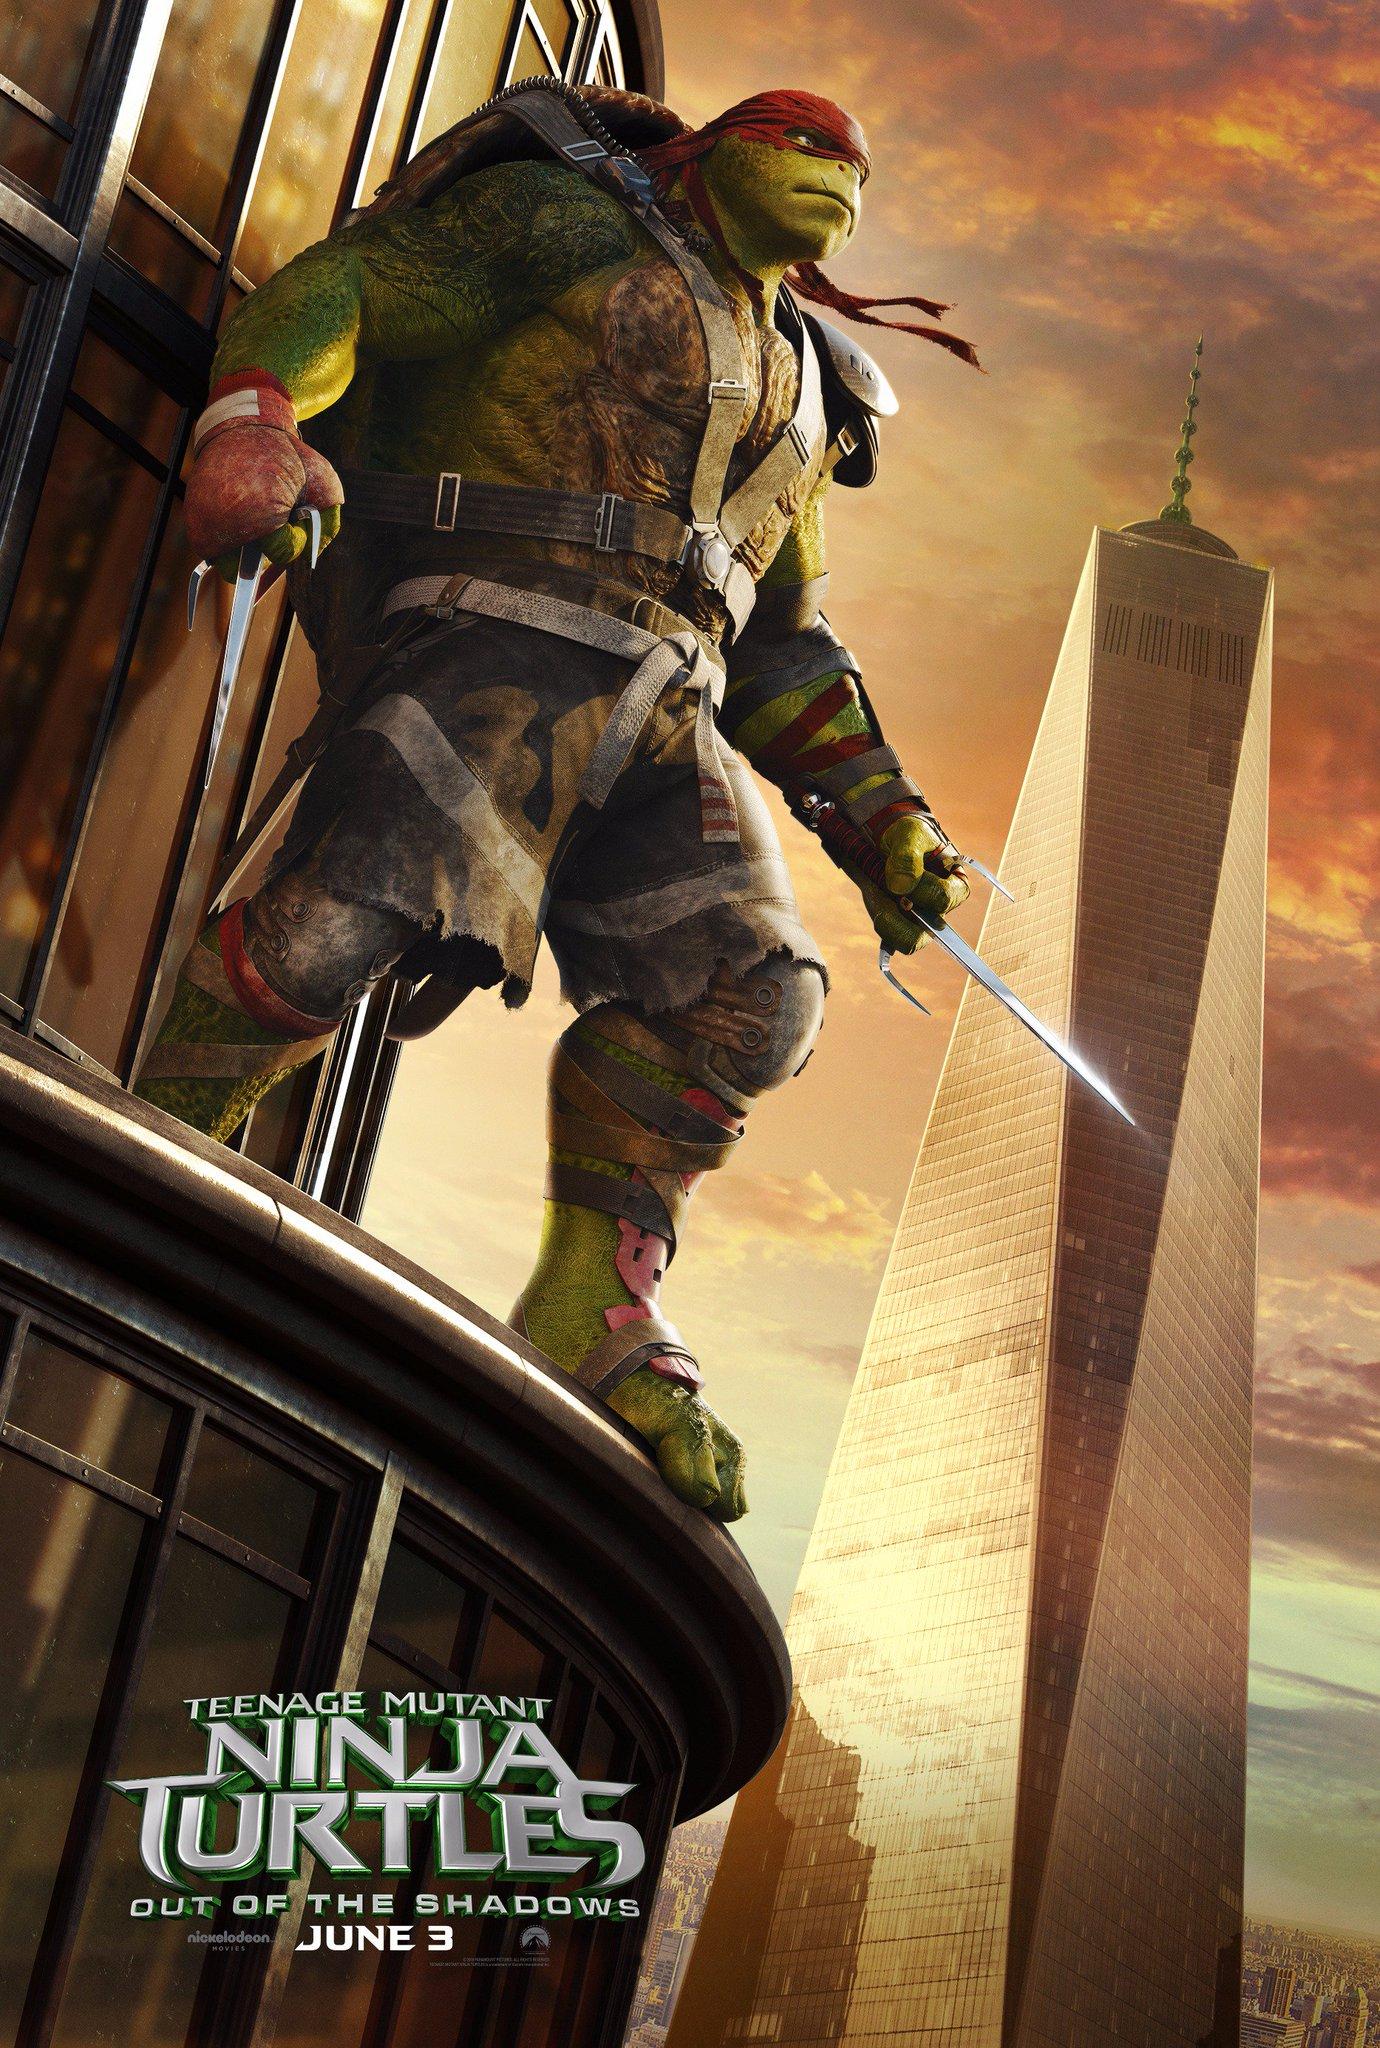 Teenage Mutant Ninja Turtles 2 Poster